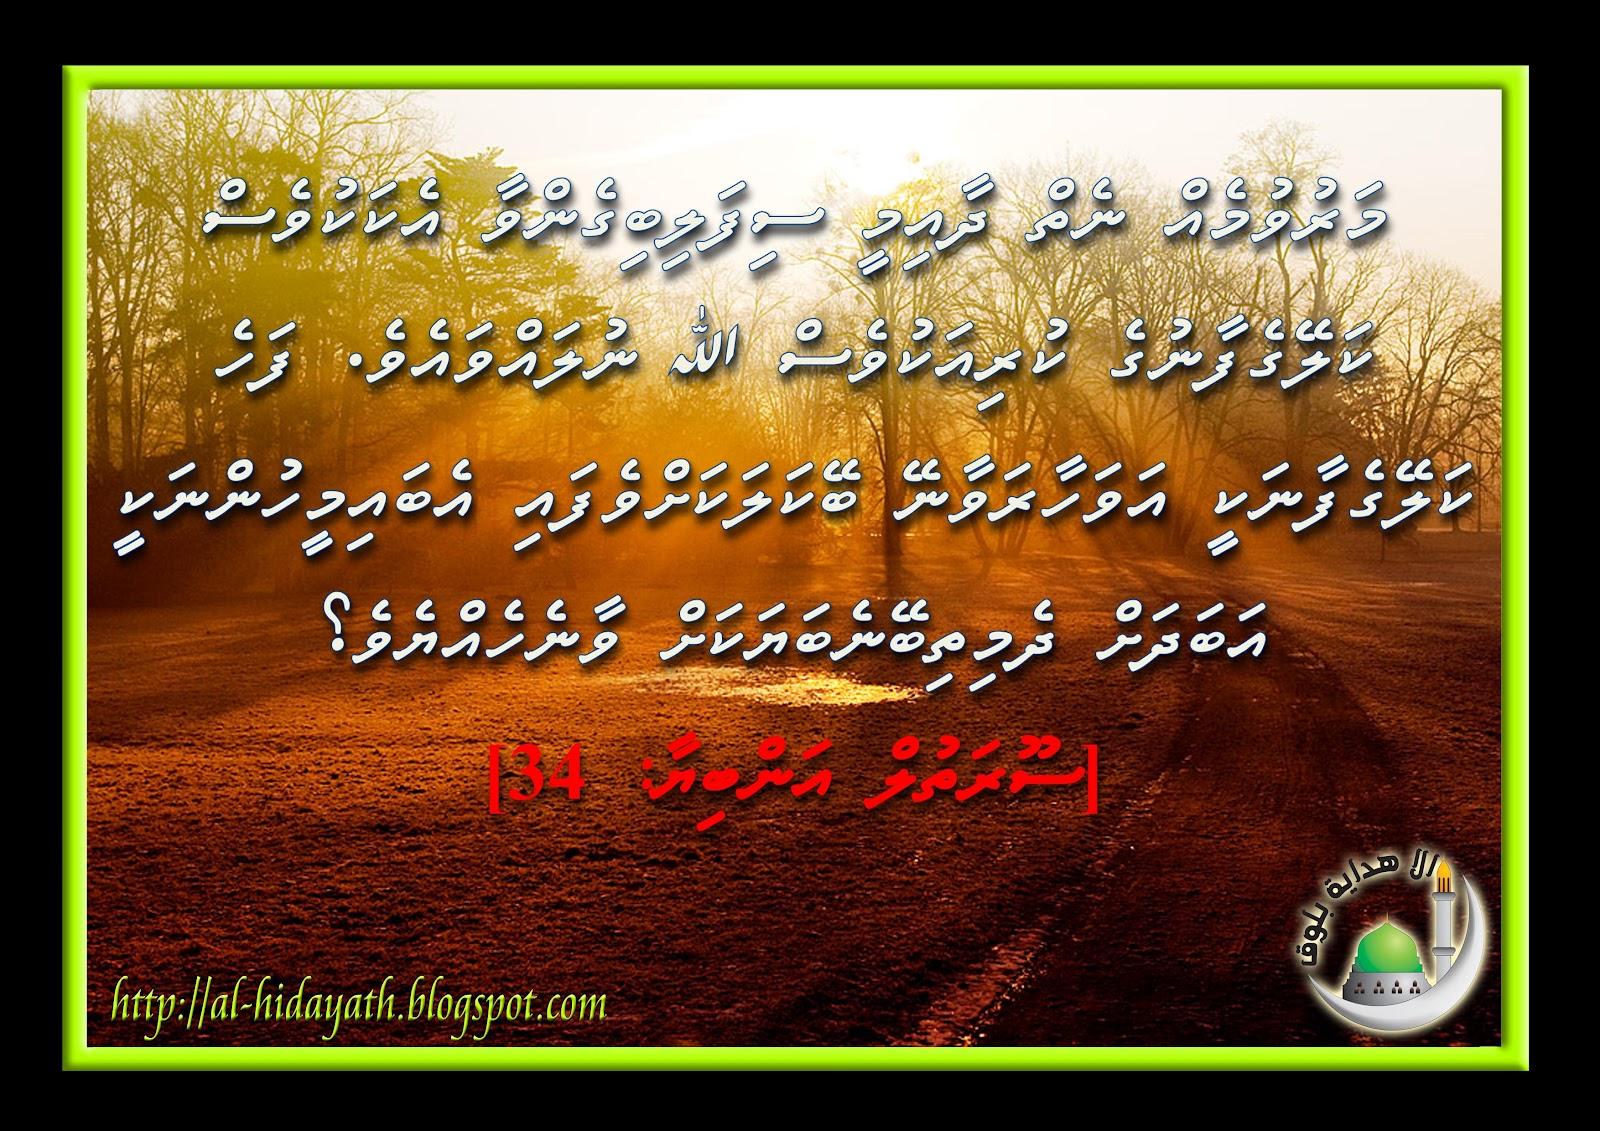 http://1.bp.blogspot.com/-x7obu07Gg28/UFAqs1VIvoI/AAAAAAAAAeM/GZupx8TRPG8/s1600/Wallpaper%2Bbrush%2Bscript%2Bfont.jpg